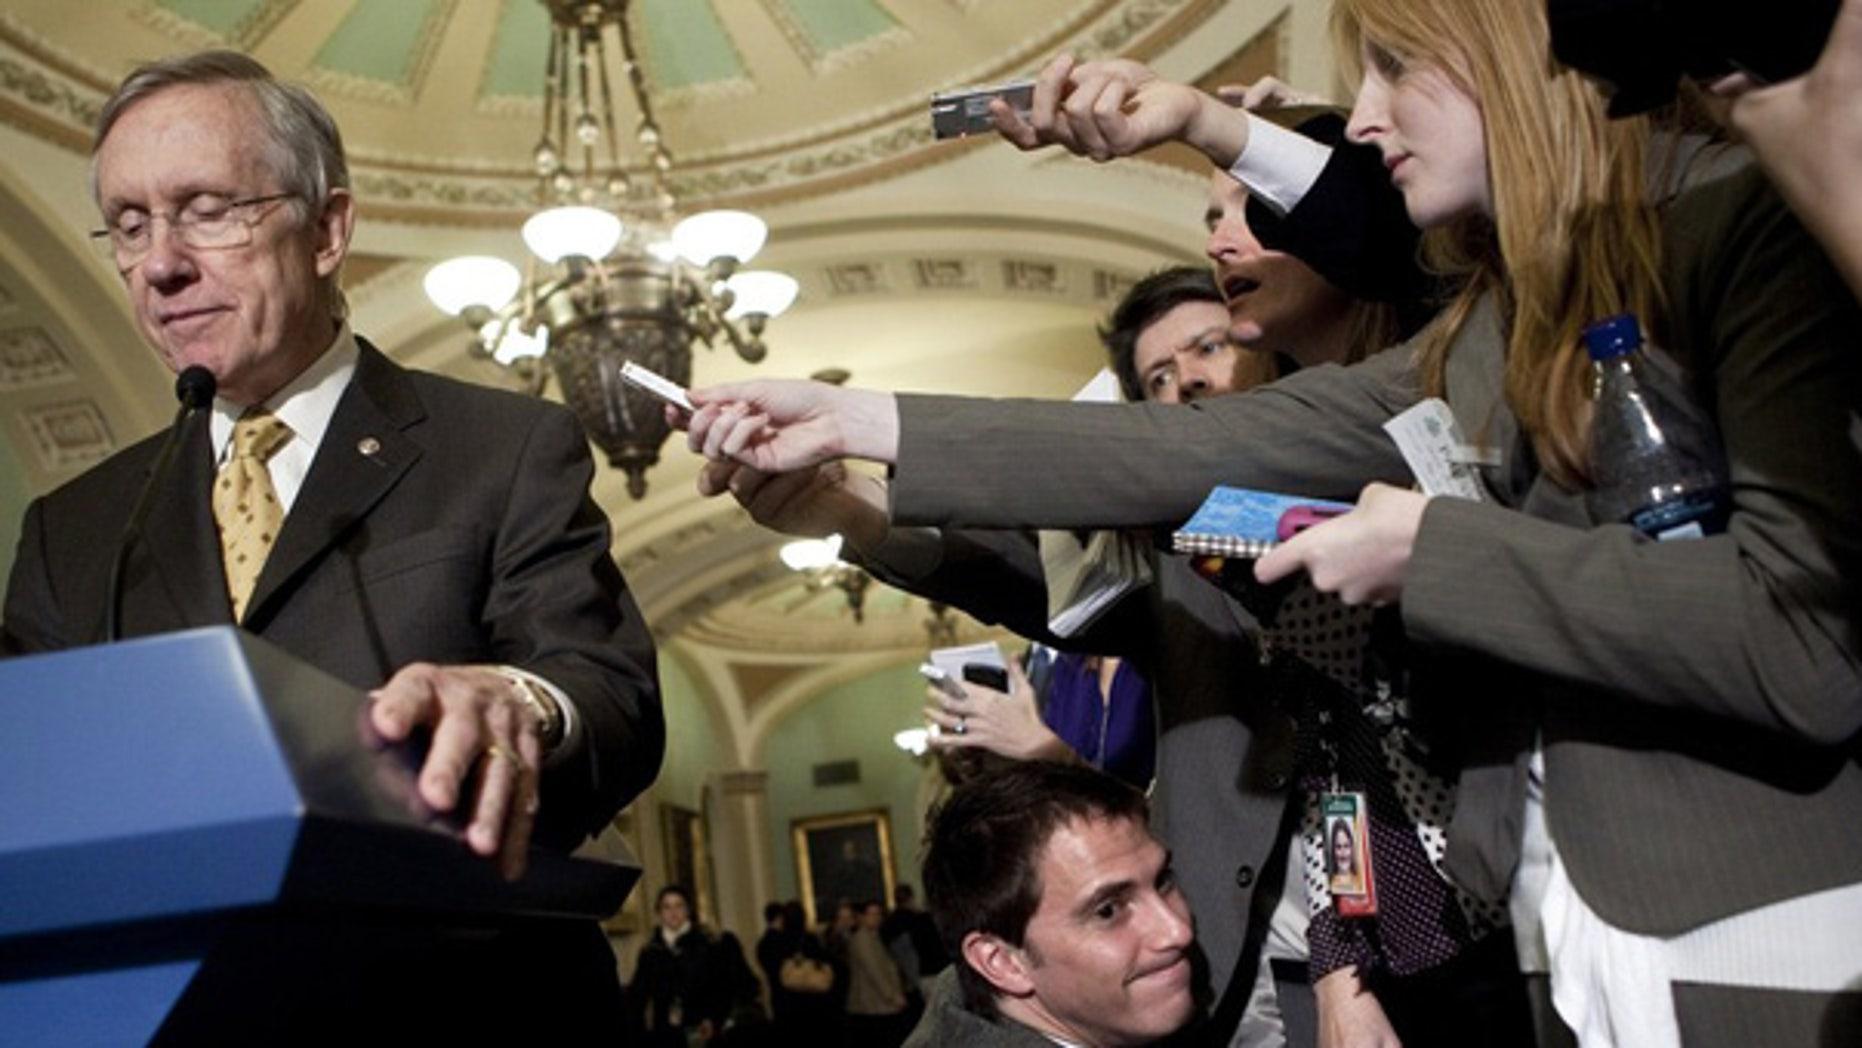 Dec. 7: Senate Majority Leader Harry Reid speaks on Capitol Hill.